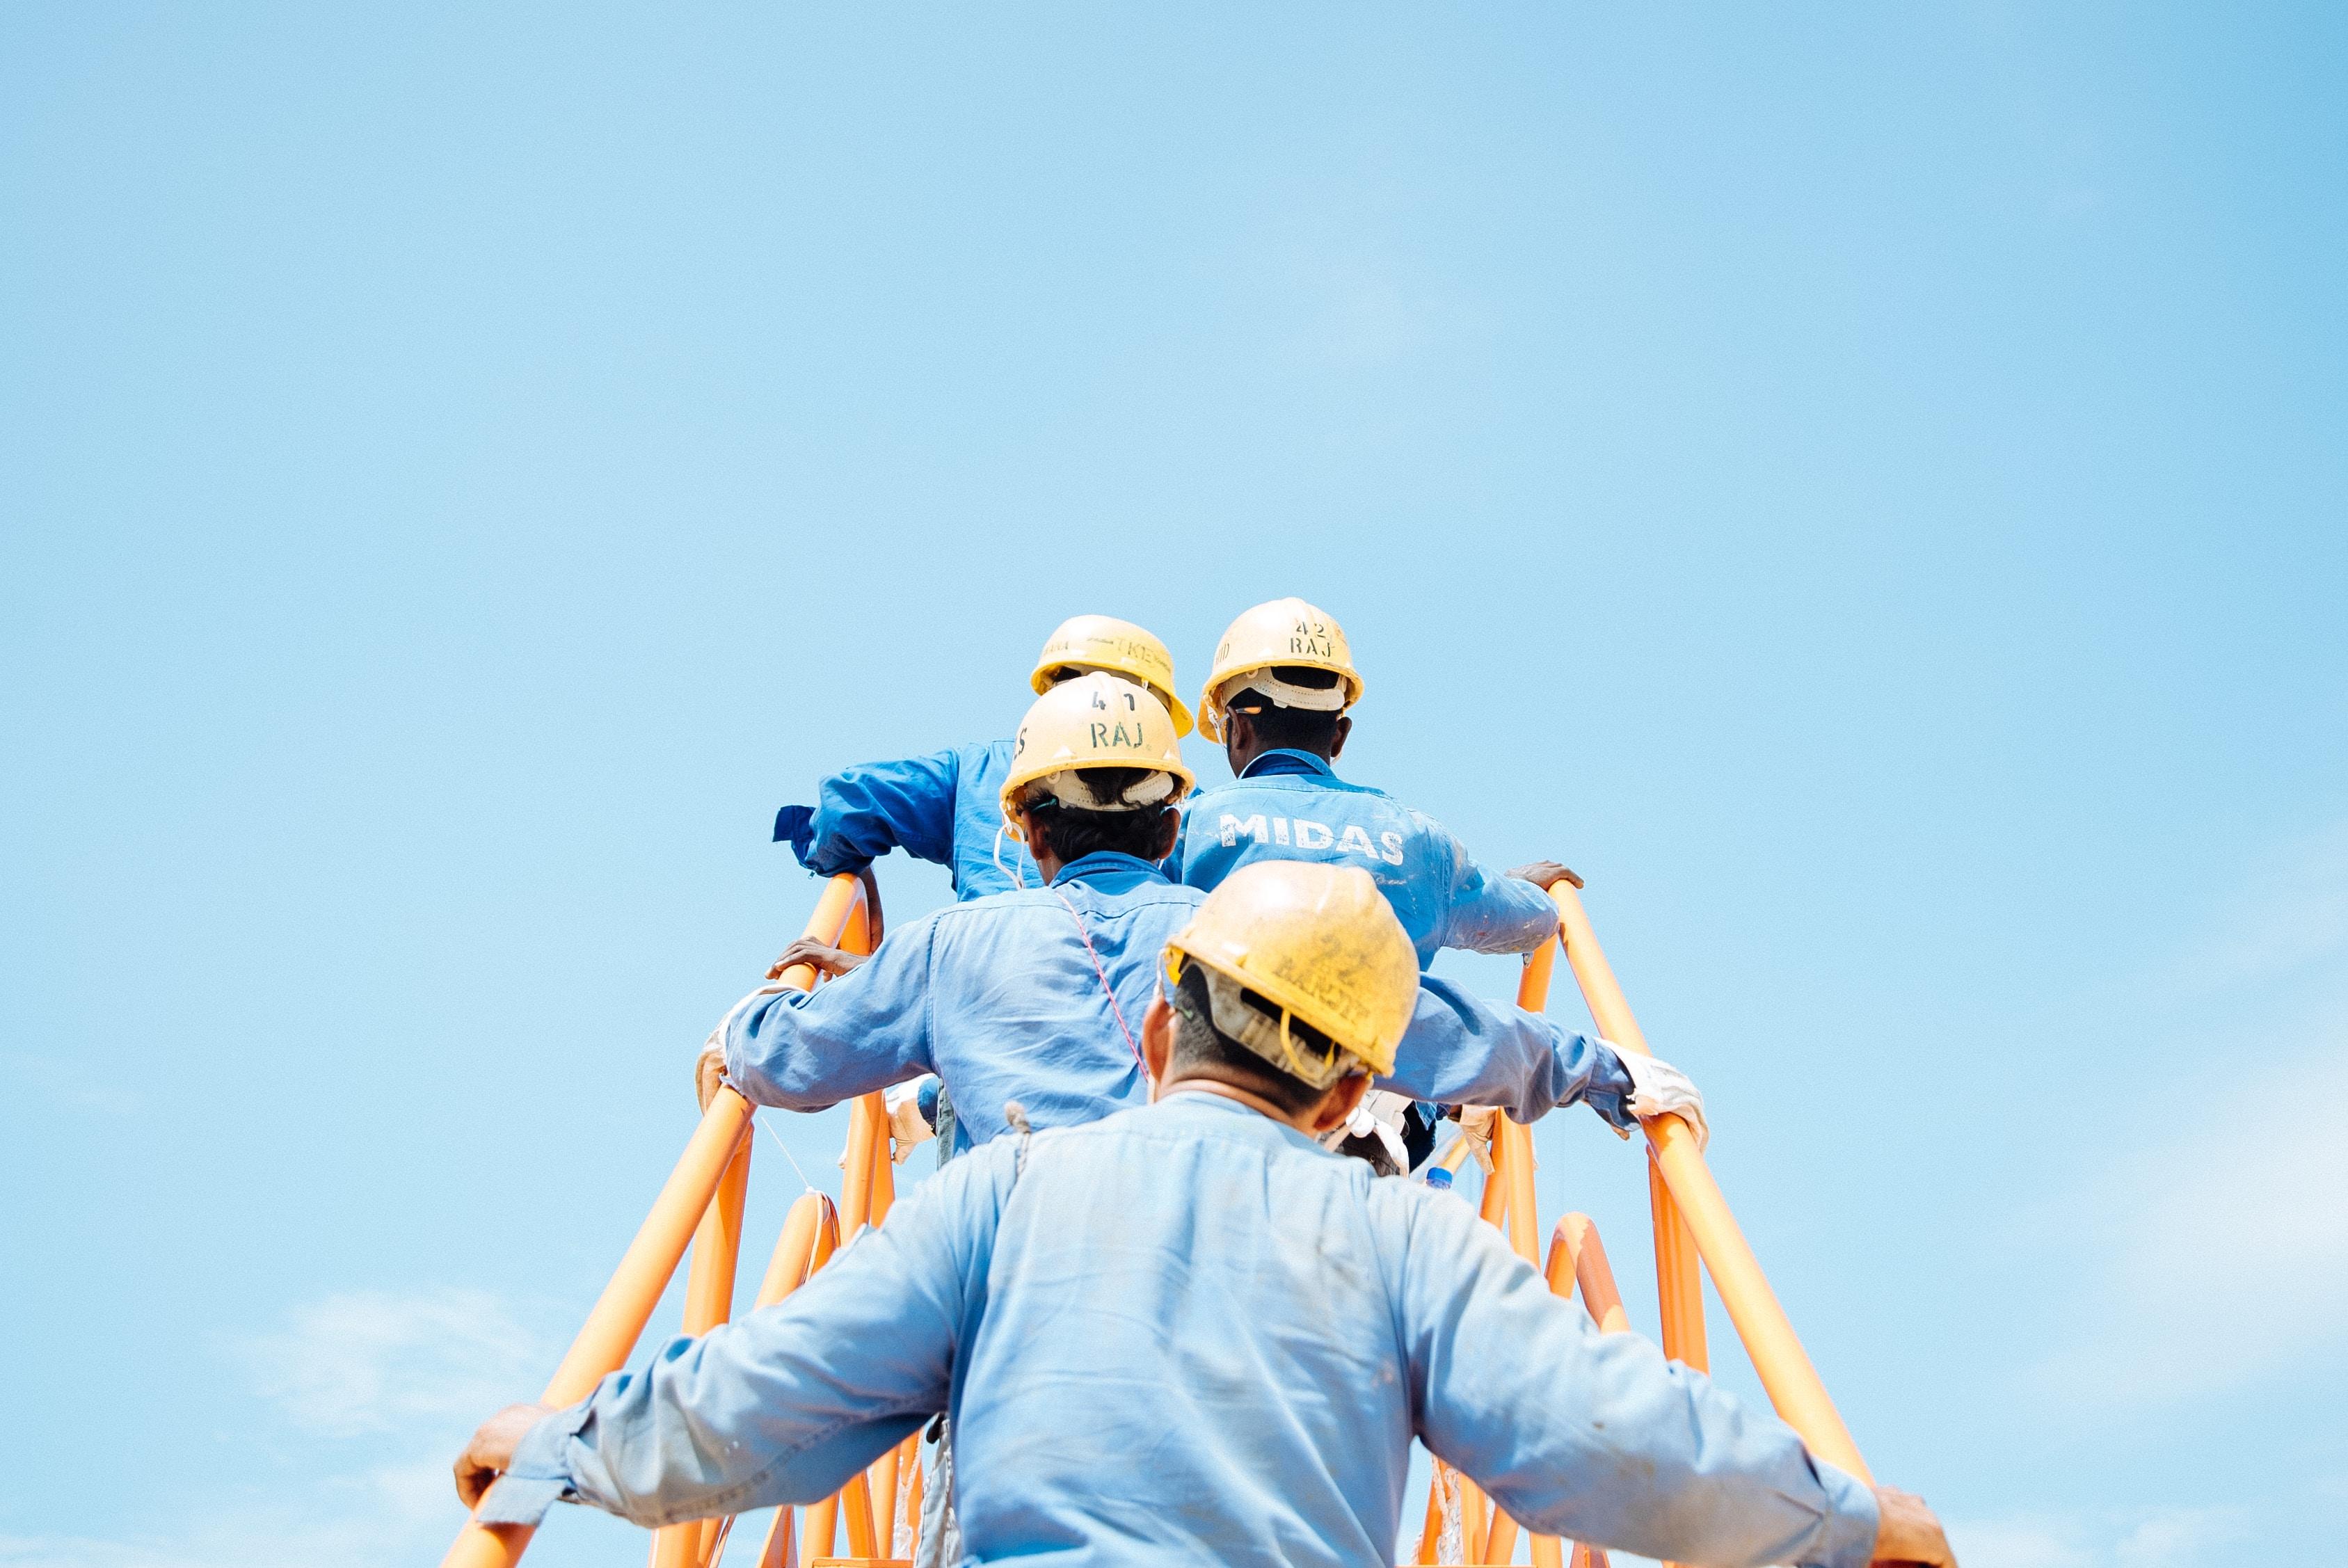 Des ouvriers avec des casques jaunes